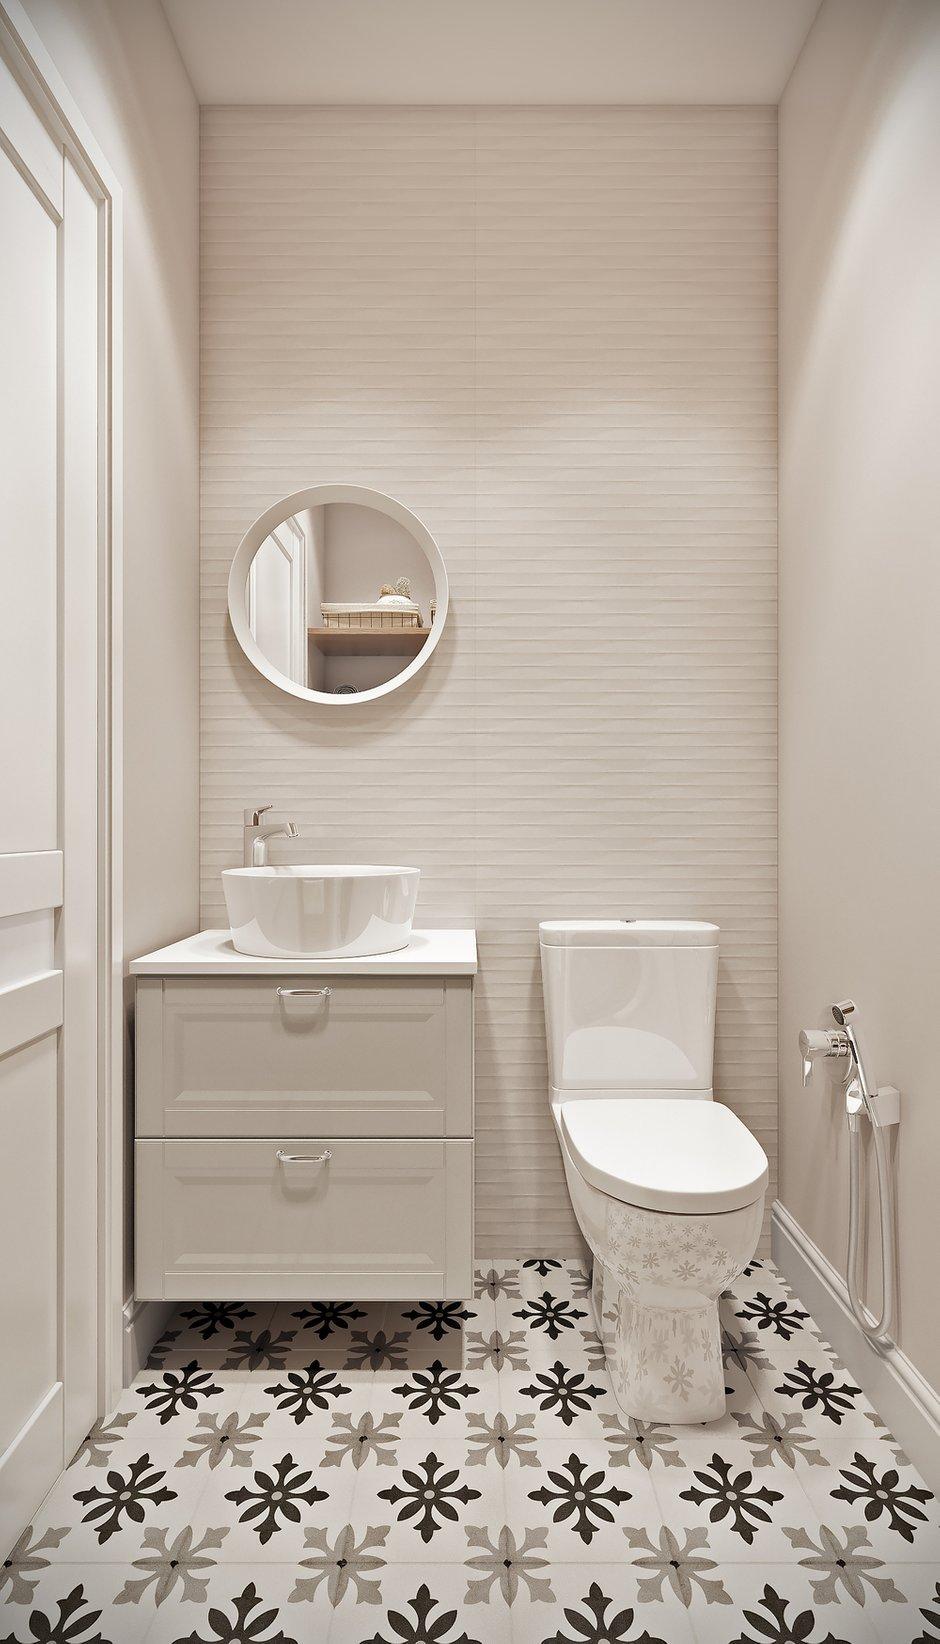 Фотография: Ванная в стиле Современный, Квартира, Проект недели, Co:Interior, Монолитный дом, 2 комнаты, 60-90 метров, Южно-Сахалинск – фото на INMYROOM